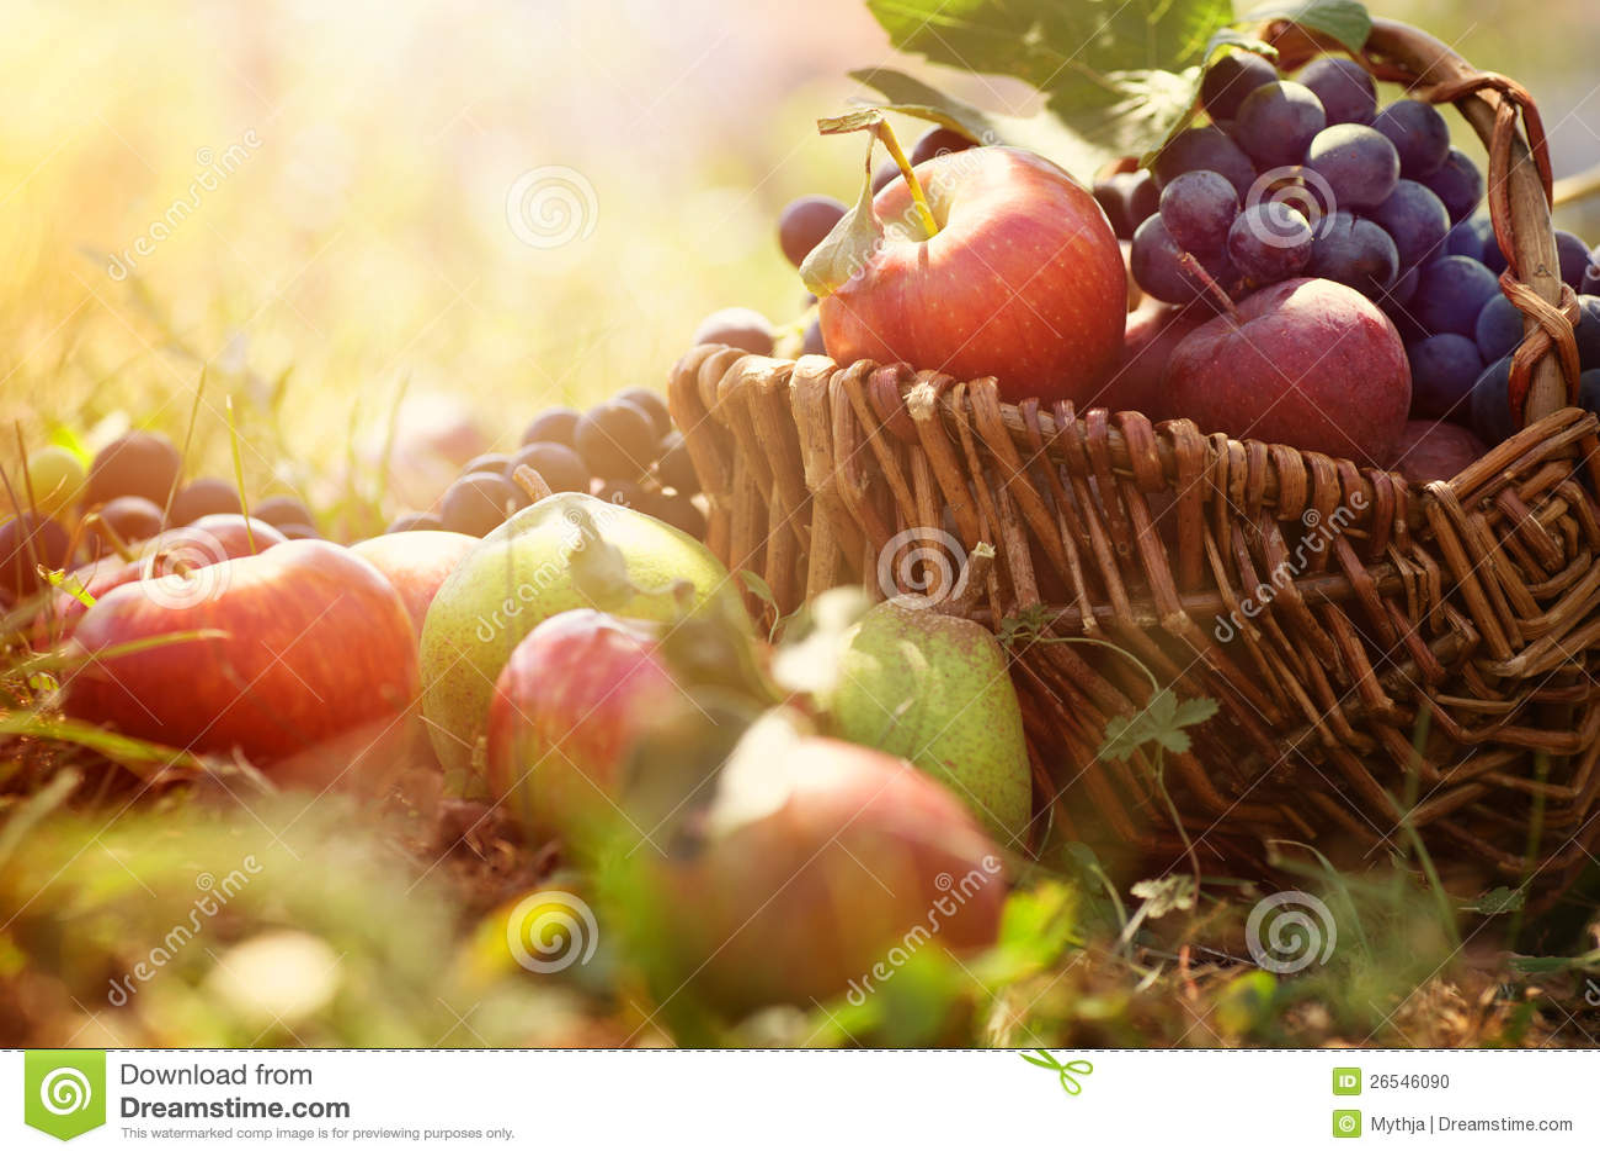 Organic fruit in summer grass